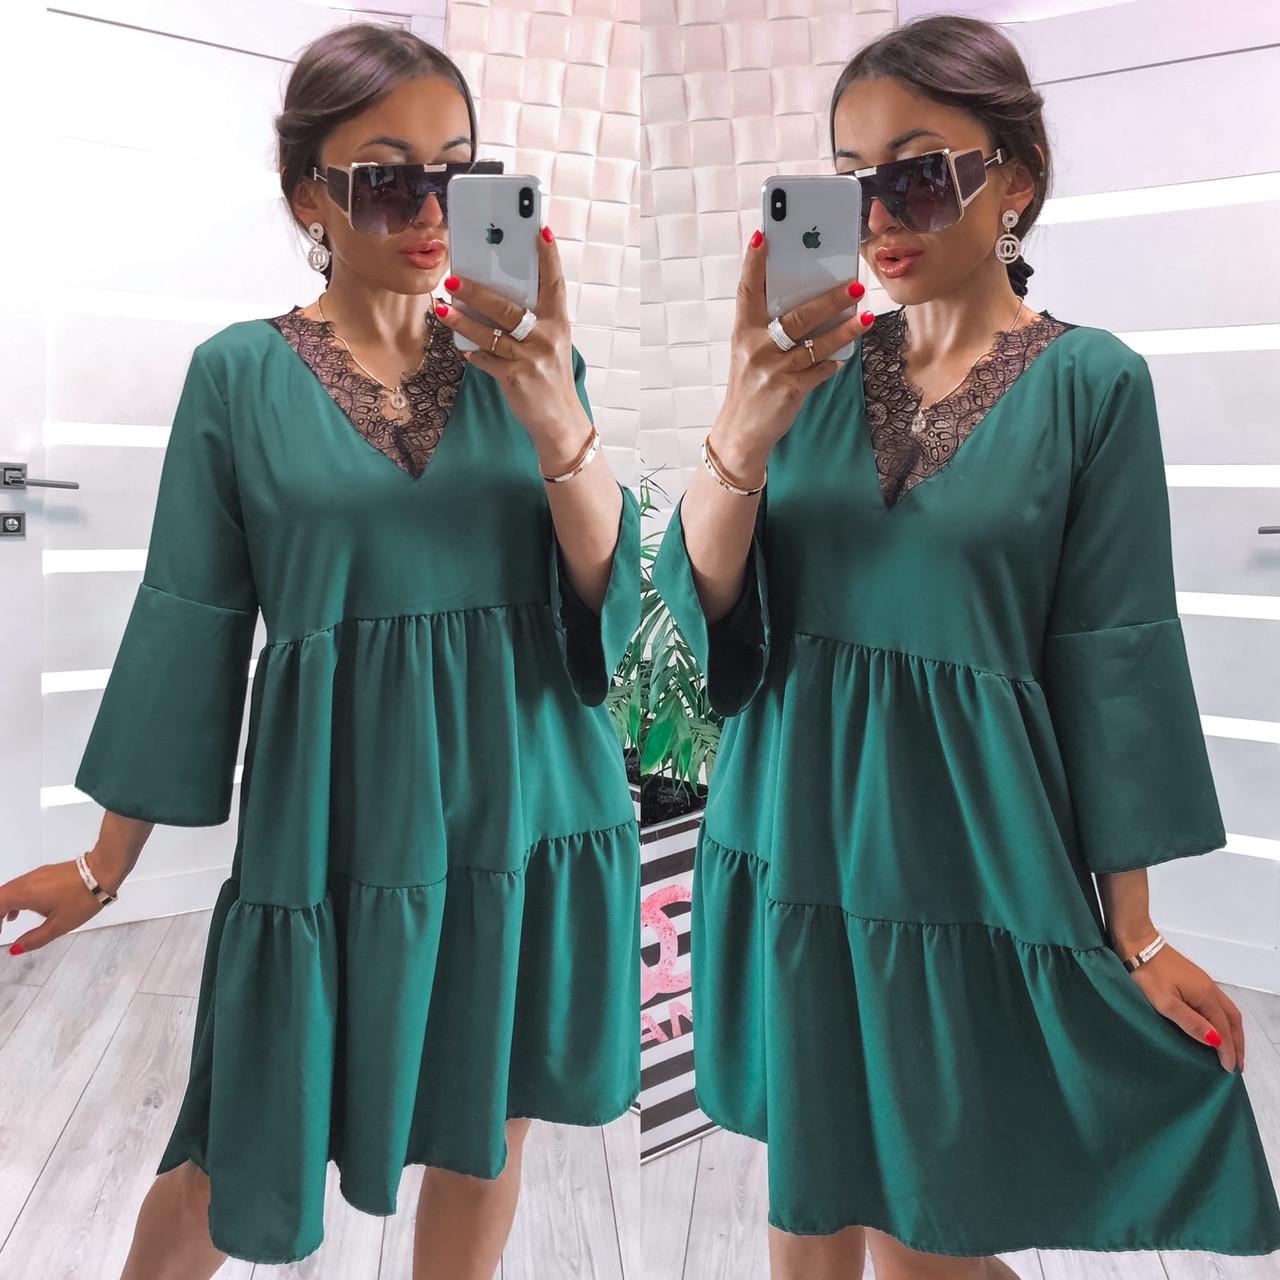 Женское платье, софт, р-р универсальный 42-46; 48-52 (зеленый)